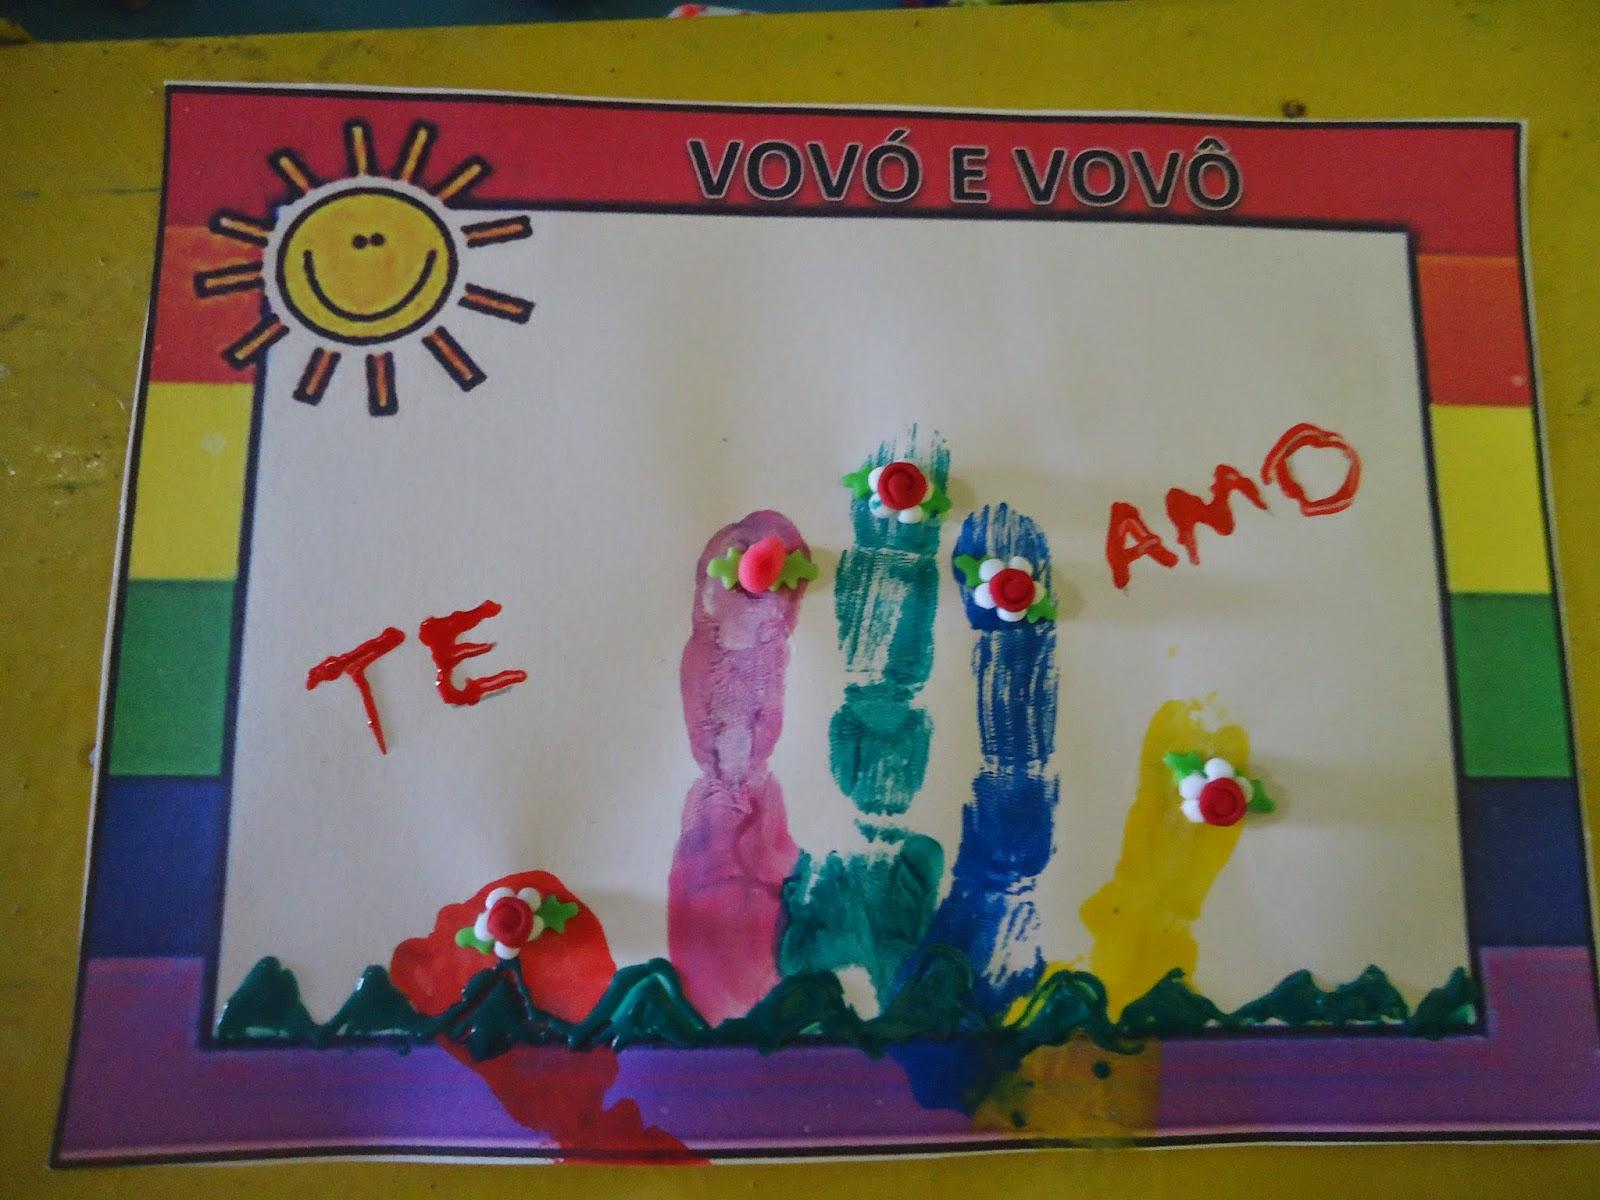 Vovô Na Web Mensagens De Superação 1: Educação Infantil: Oficina De ARTES:Vovó E Vovô